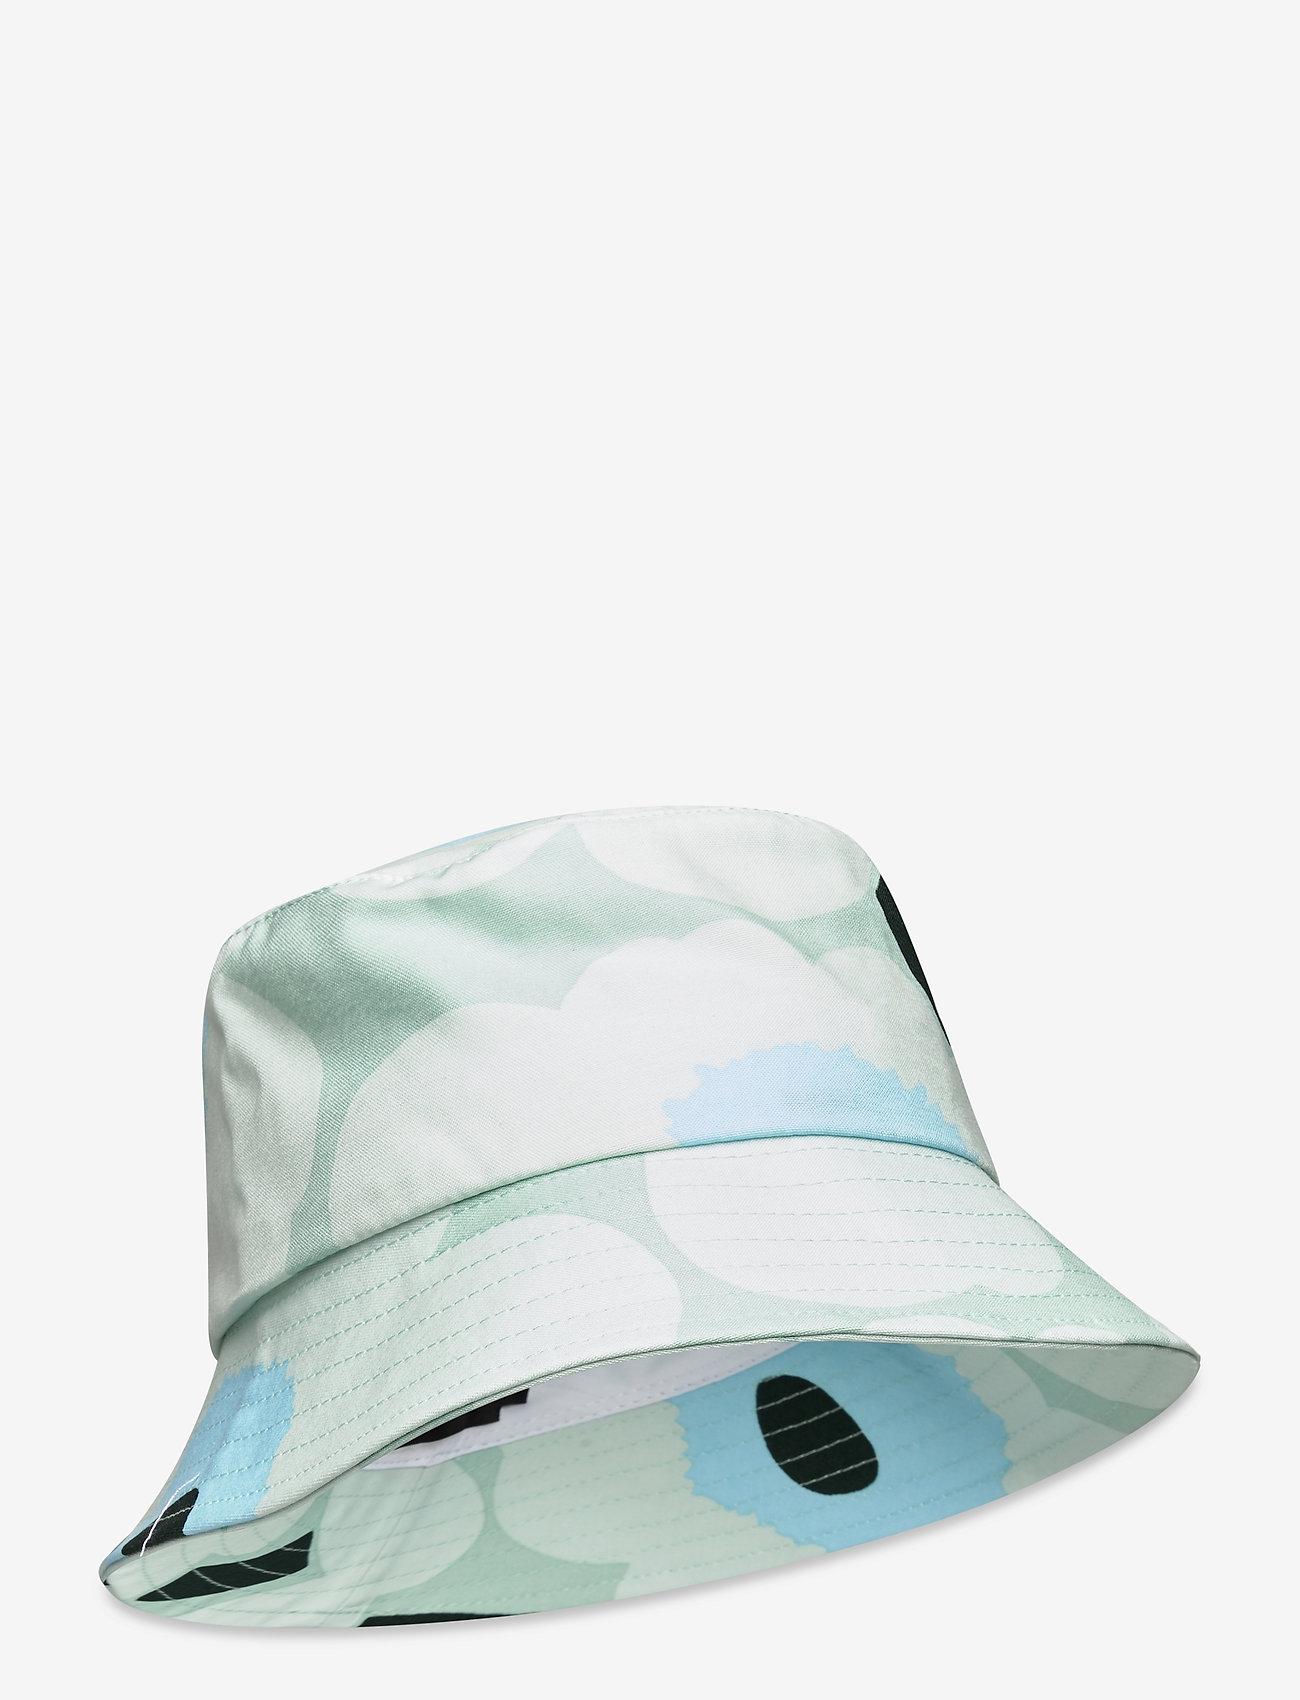 Marimekko - OLEMA PIENI UNIKKO BUCKET HAT - bøllehatte - light turquoise,blue,green - 0